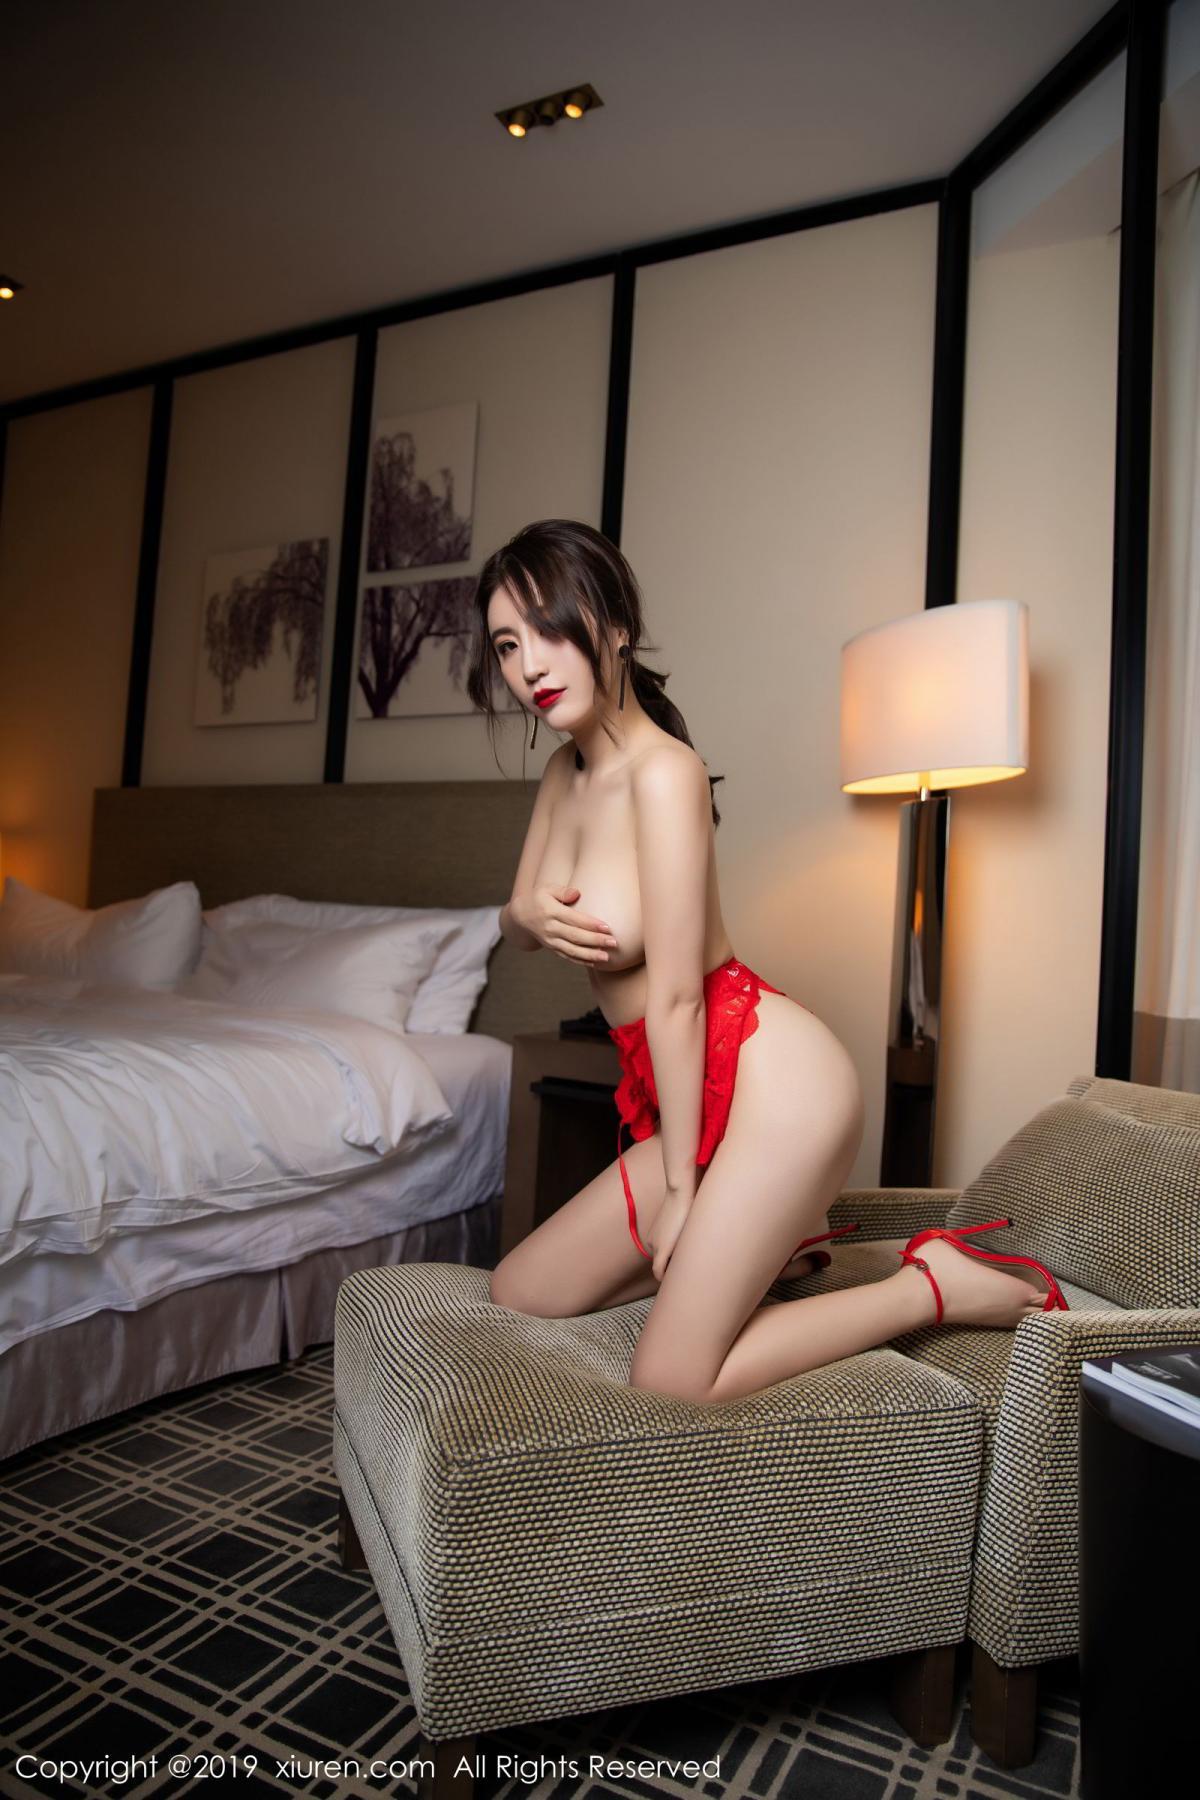 [XiuRen] Vol.1589 Xie Zhi Xin 18P, Sexy, Underwear, Xie Zhi Xin, Xiuren